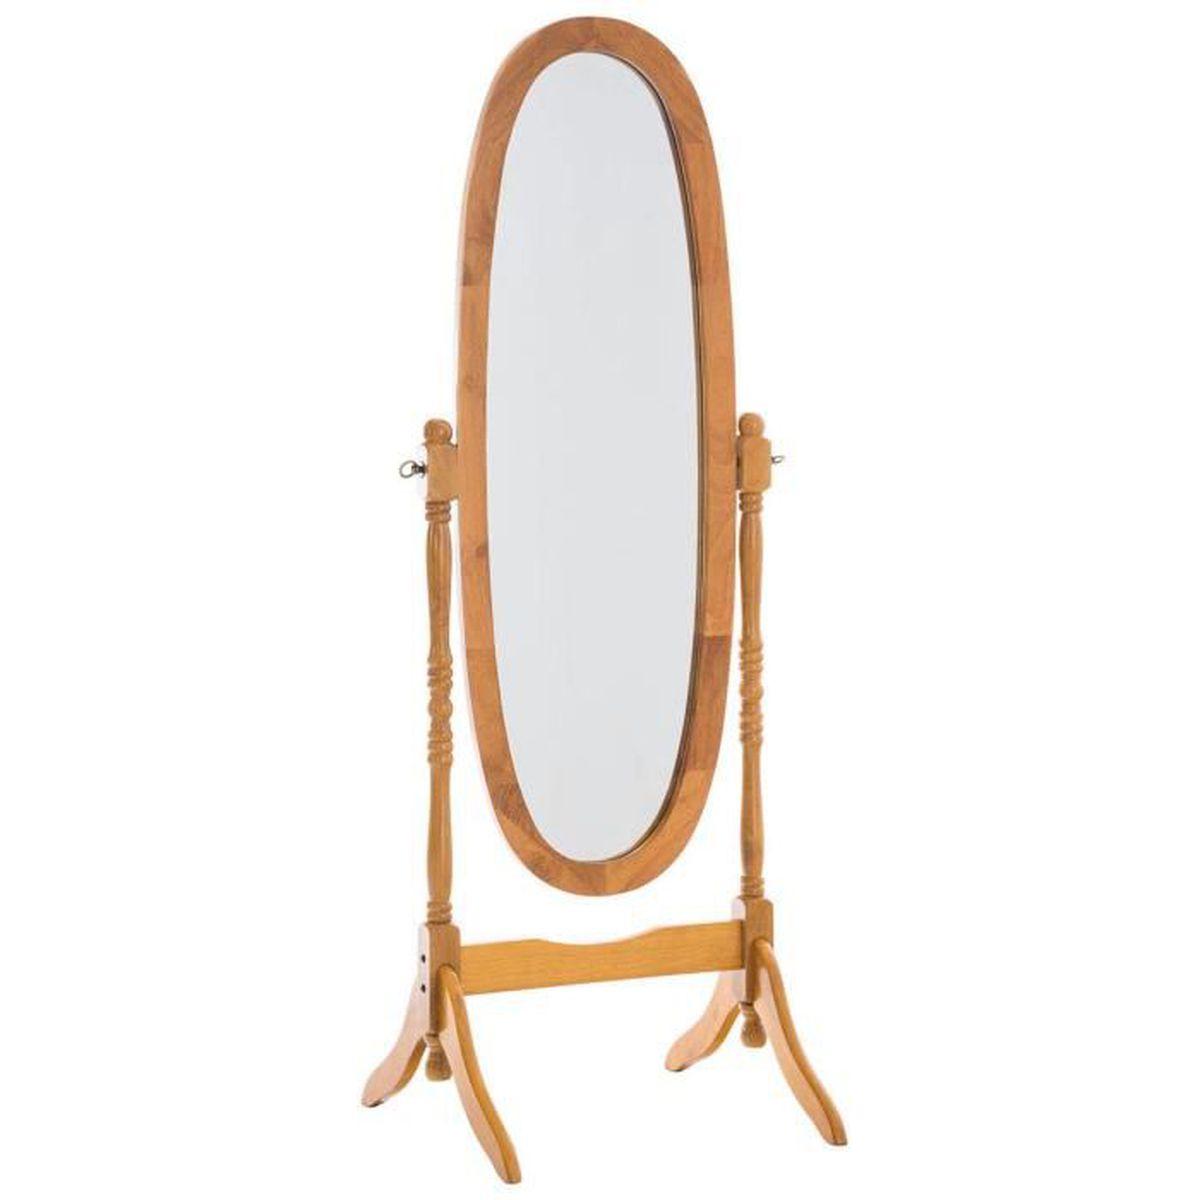 Miroir ovale en bois naturel 150 x 59 x 51 cm achat for Miroir 90 x 150